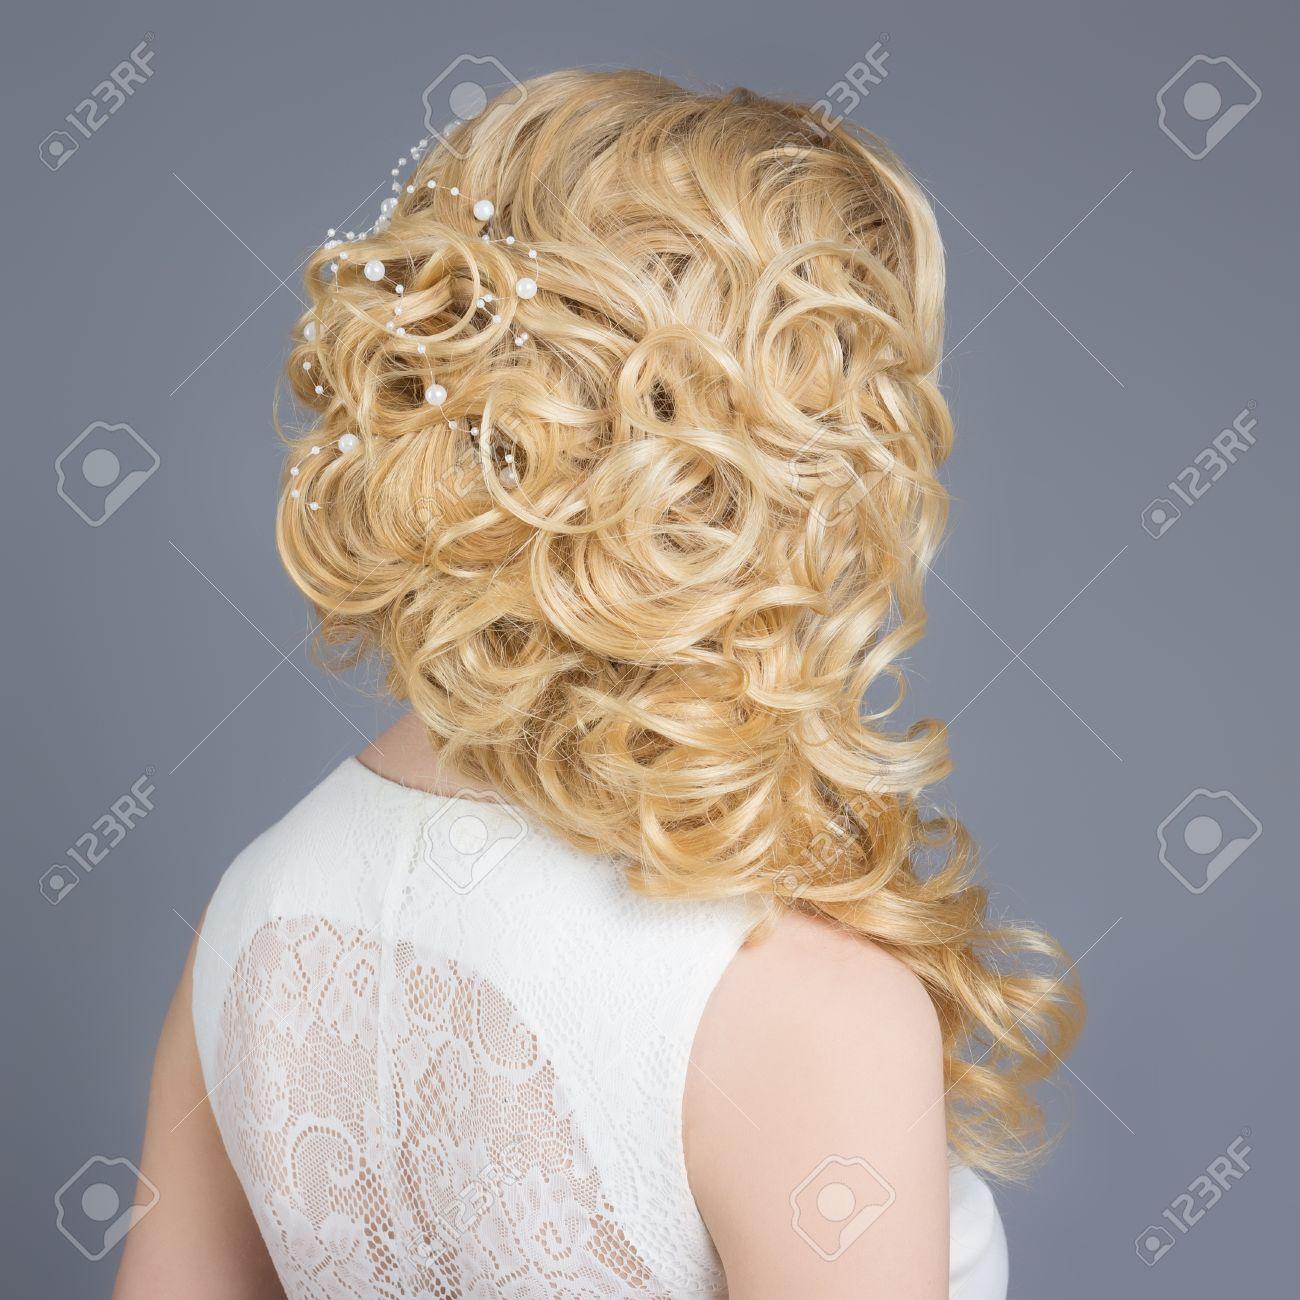 Belle Jeune Fille à Limage De La Mariée Belle Coiffure De Mariage Avec Des Fleurs Dans Les Cheveux Coiffure Pour Mariée